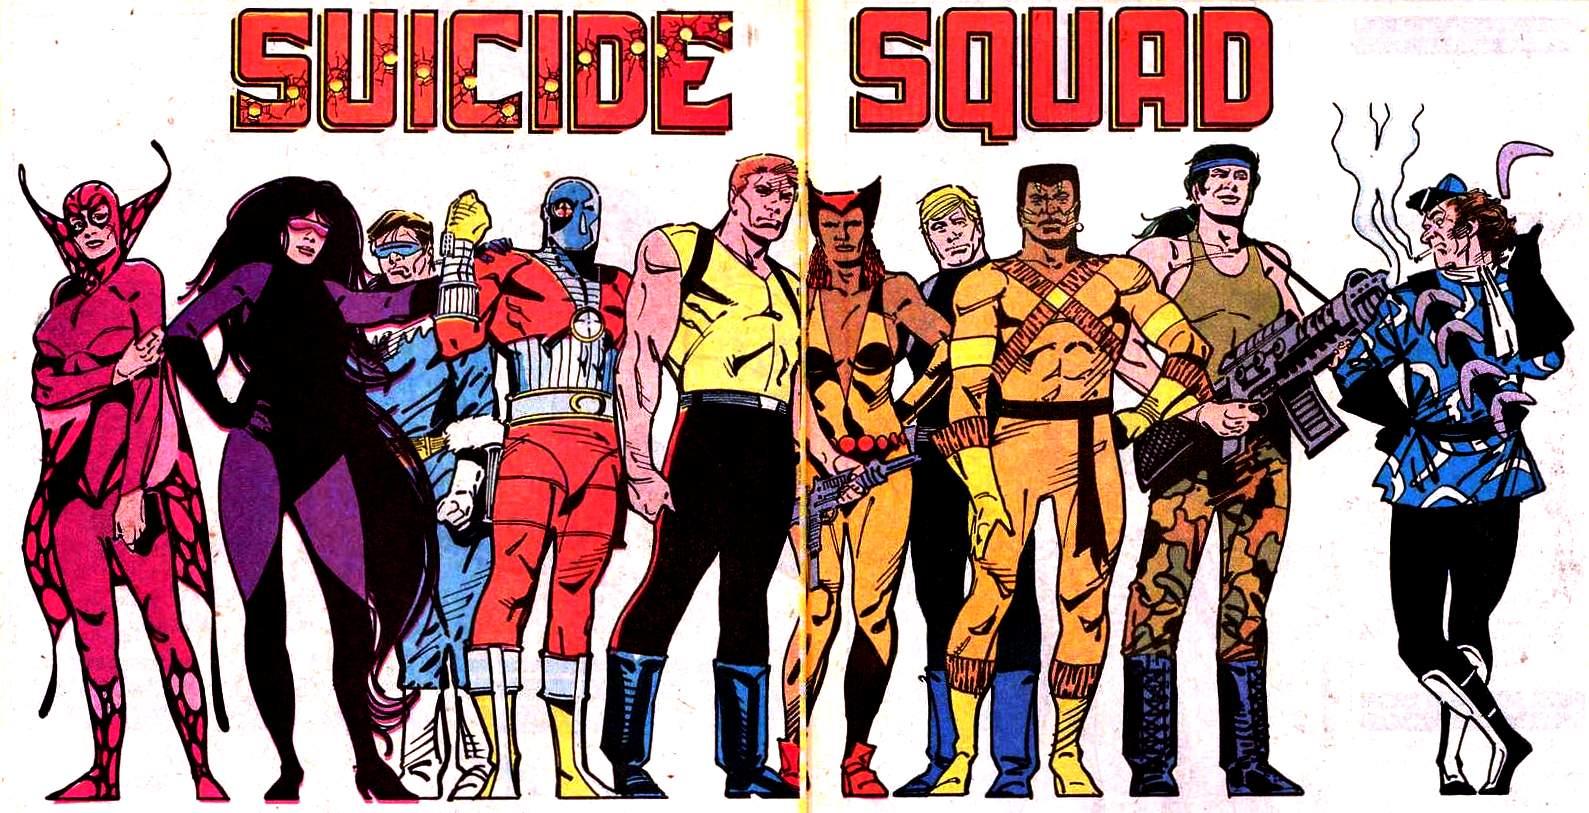 2016: Suicide Squad